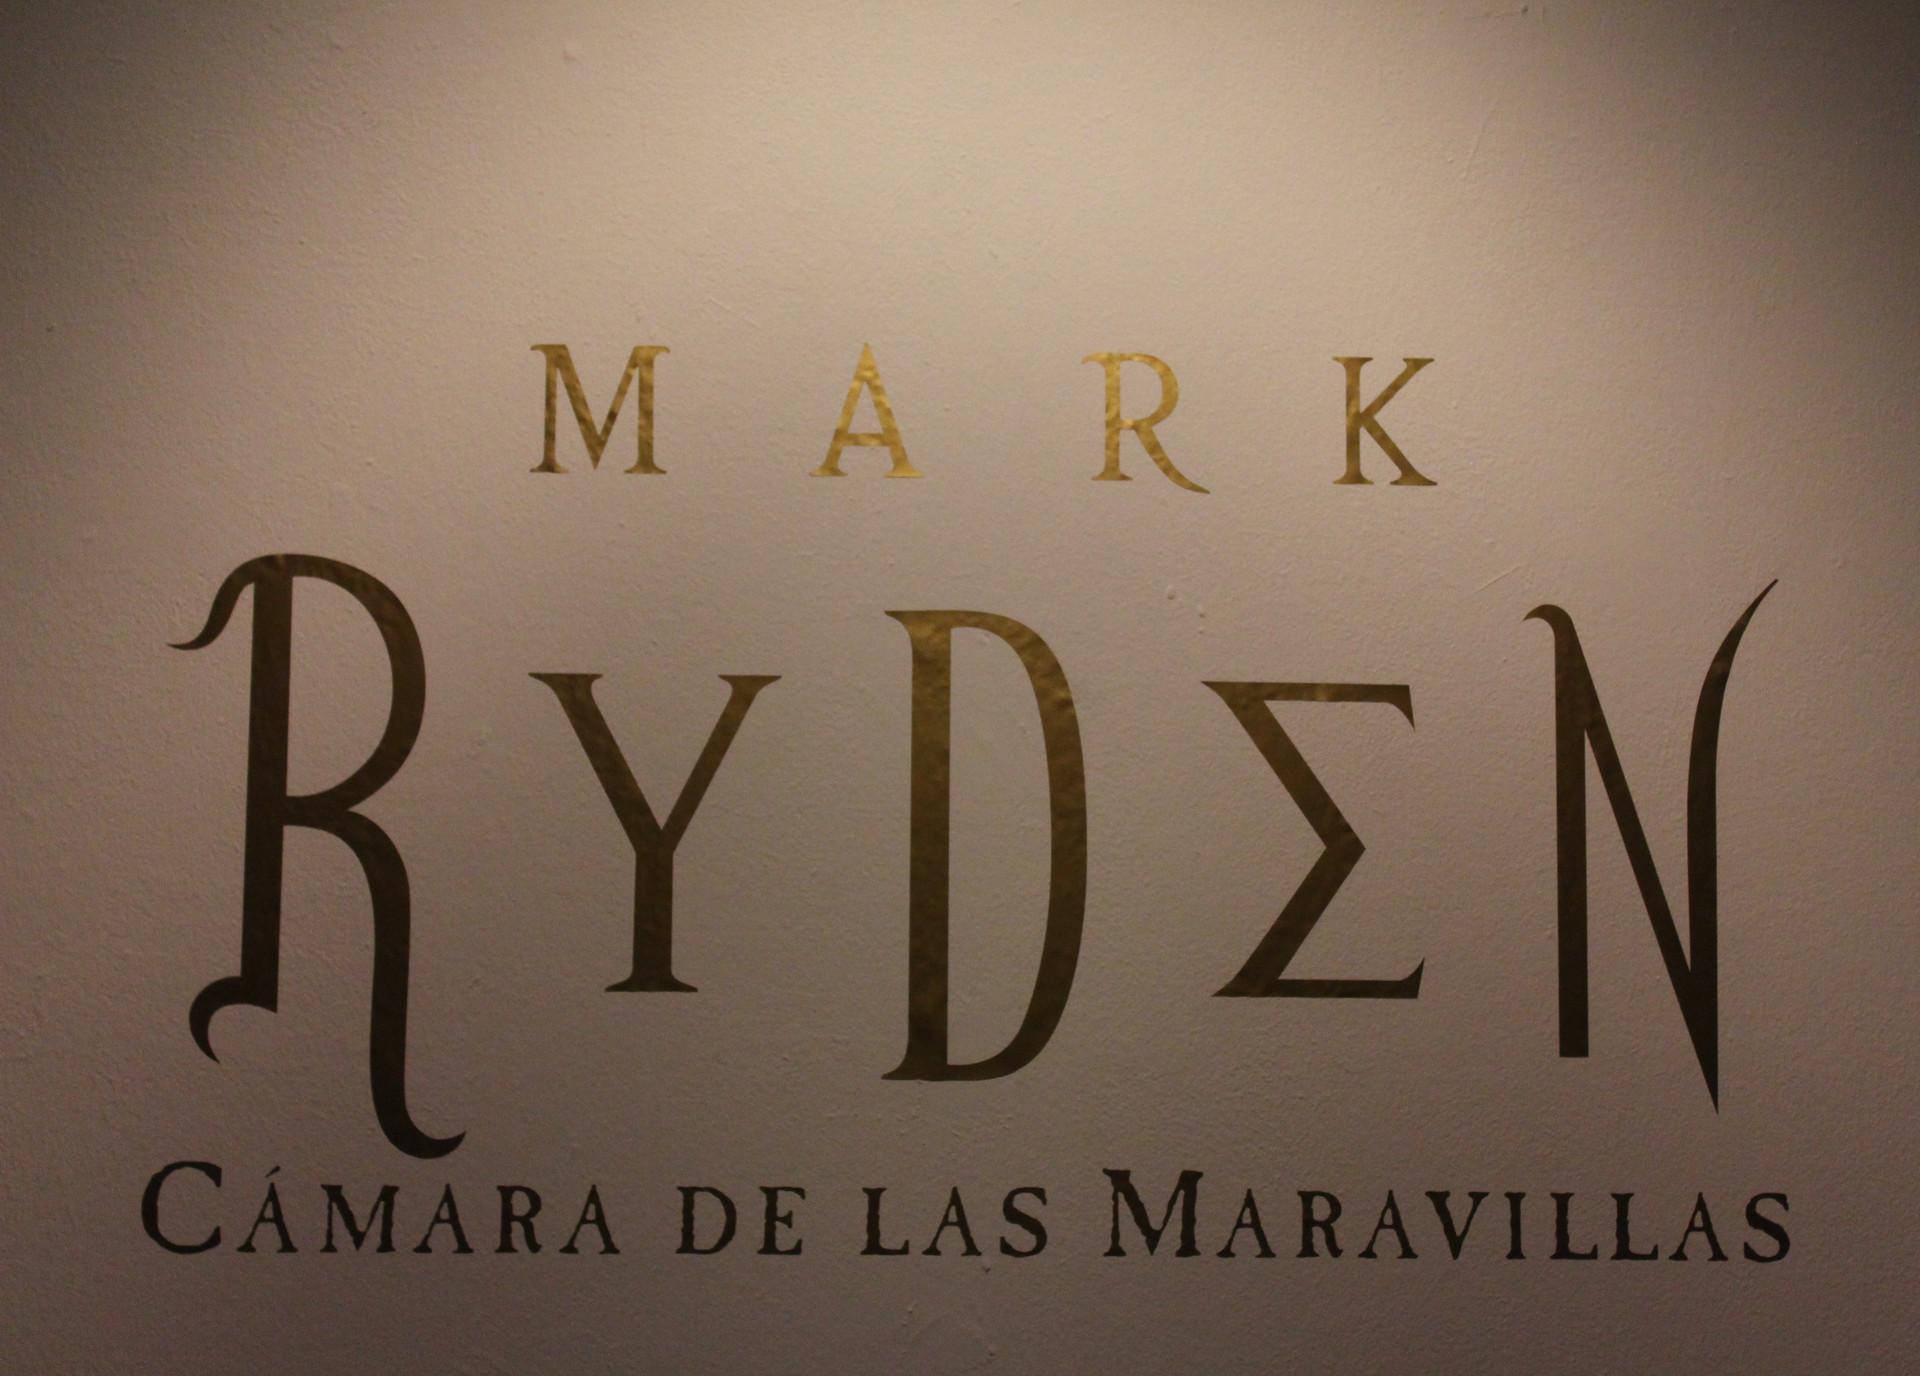 exposicion-mark-ryden-c-a-c-malaga-cd0ee